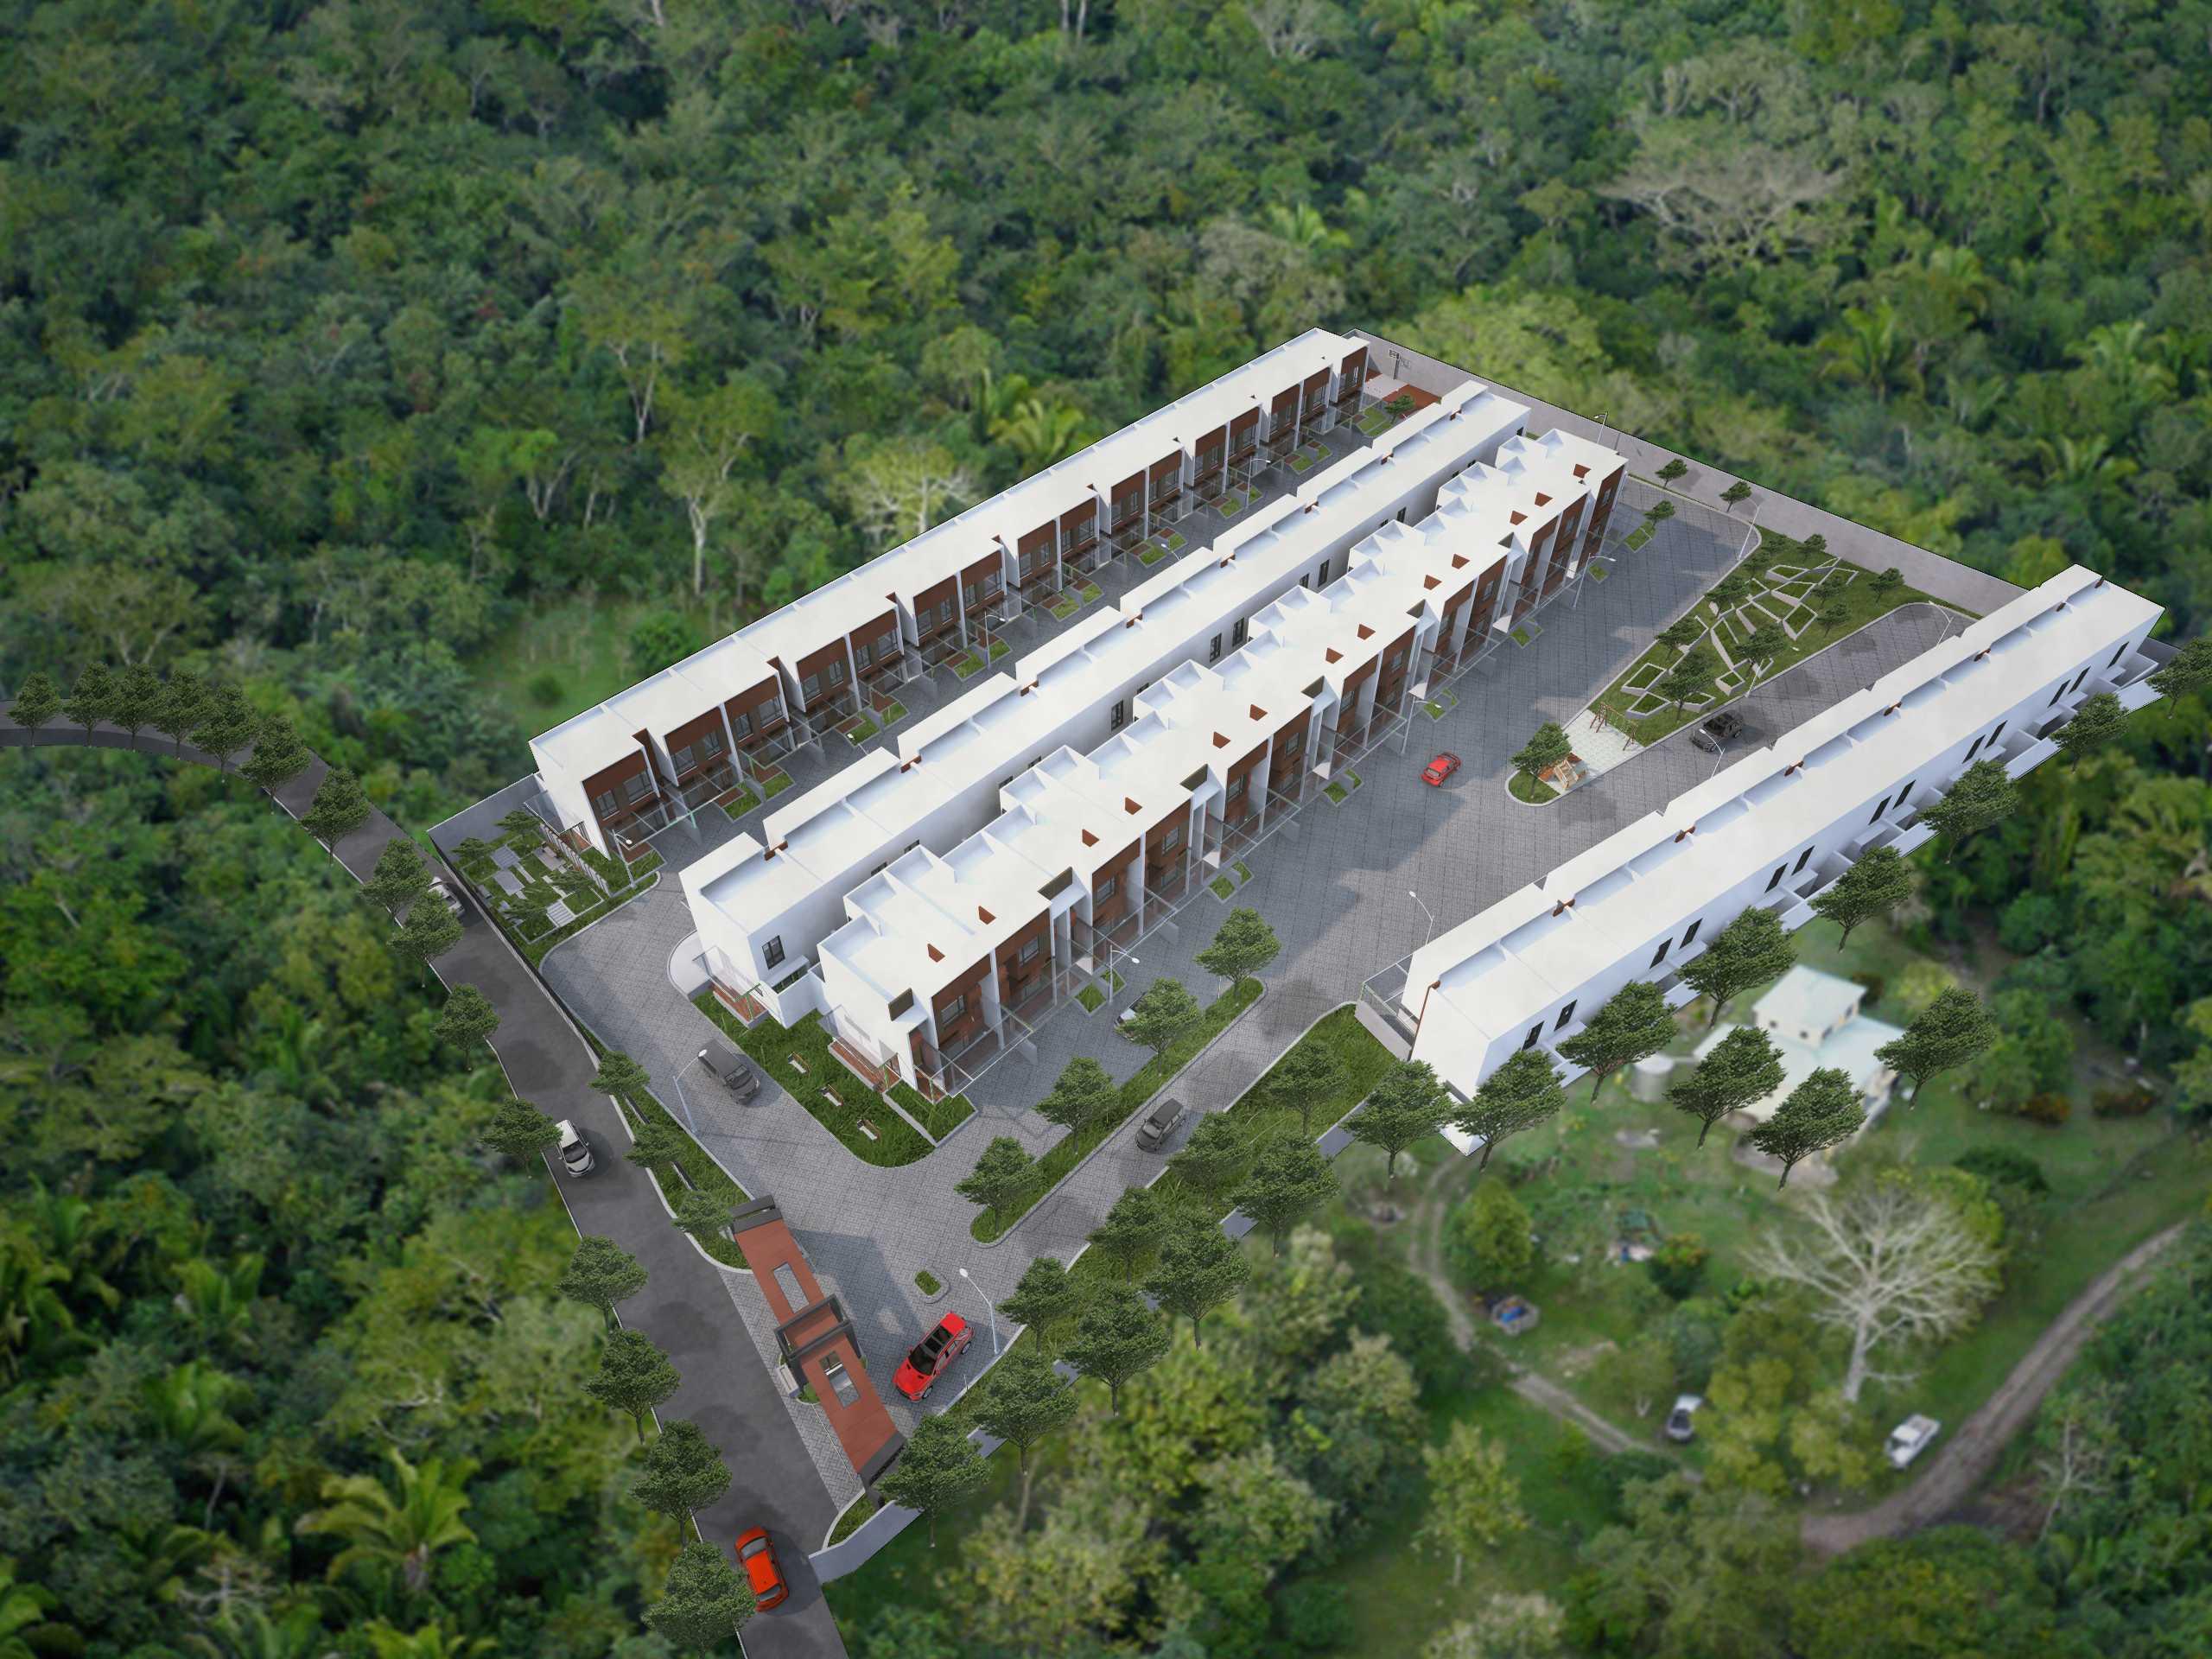 Gubah Ruang Studio Drn Residence Palembang, Kota Palembang, Sumatera Selatan, Indonesia Palembang, Kota Palembang, Sumatera Selatan, Indonesia Bird Eye View   50968